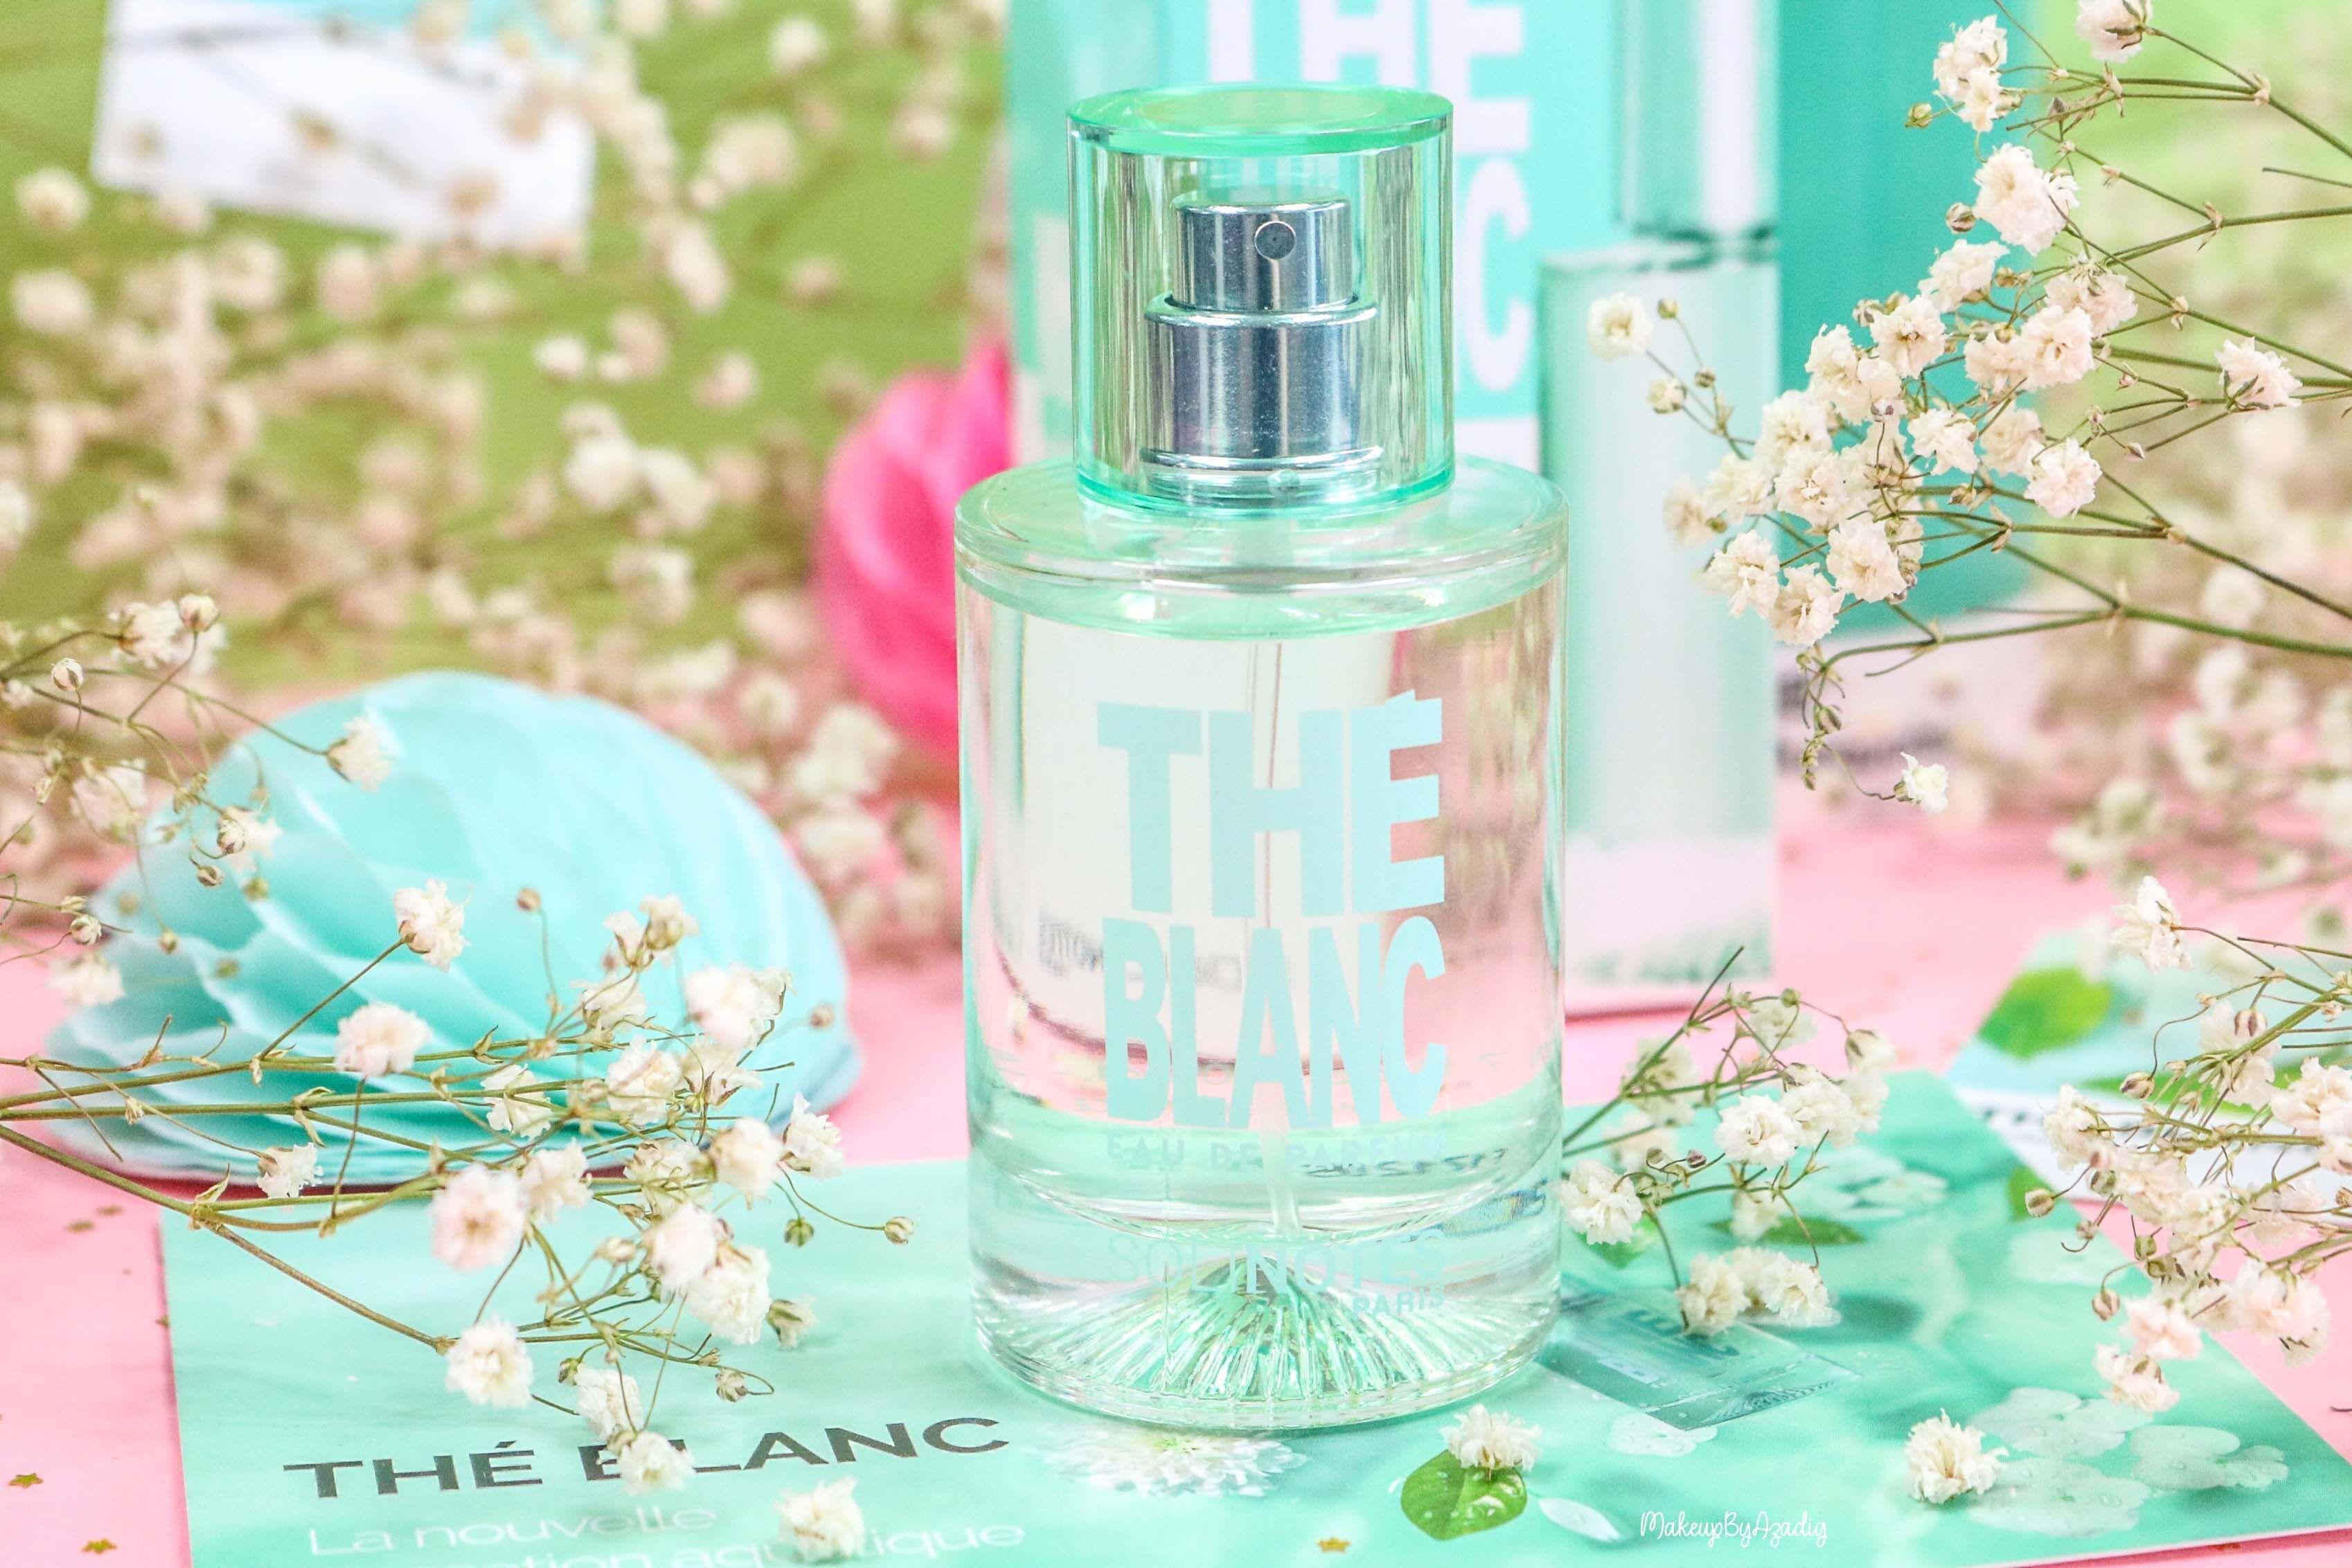 106 Parfum Parfum 106 106 RevueNouveau RevueNouveau 106 Parfum RevueNouveau 8yNPmn0vwO